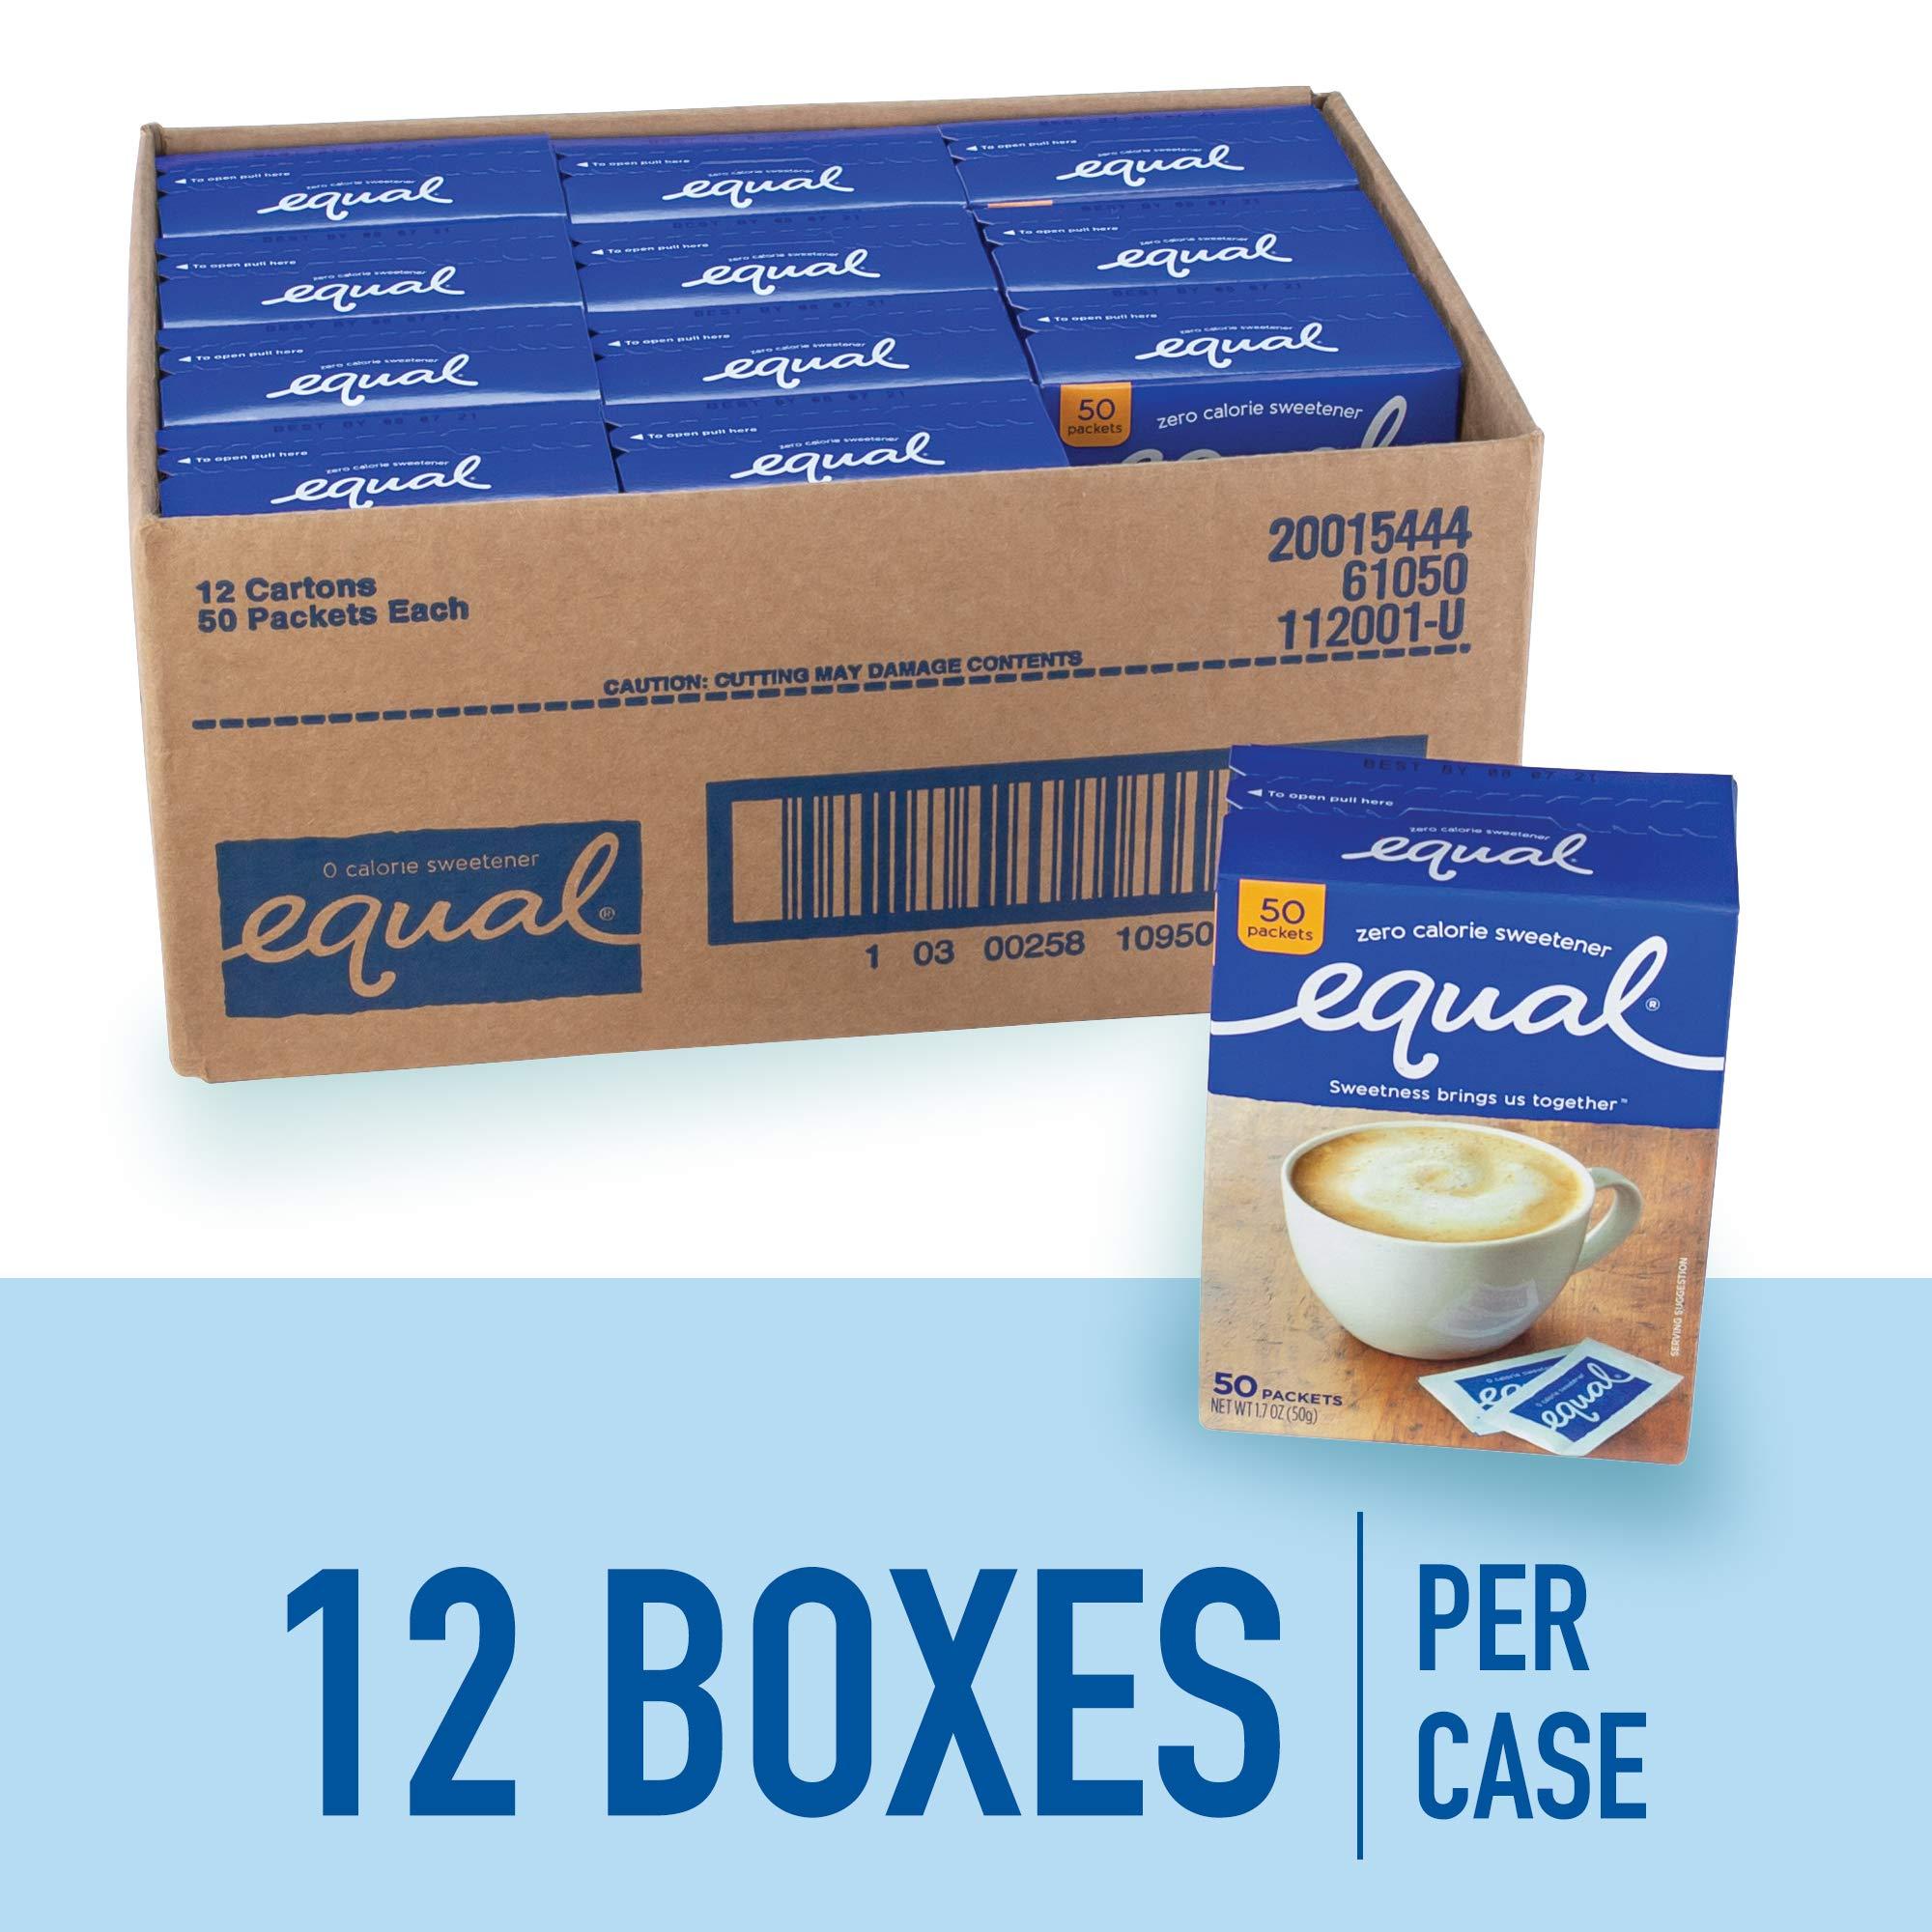 EQUAL 0 Calorie Sweetener, Sugar Substitute, Zero Calorie Sugar Alternative Sweetener Packets, Sugar Alternative, 50 Count (Pack of 12) by Equal (Image #2)